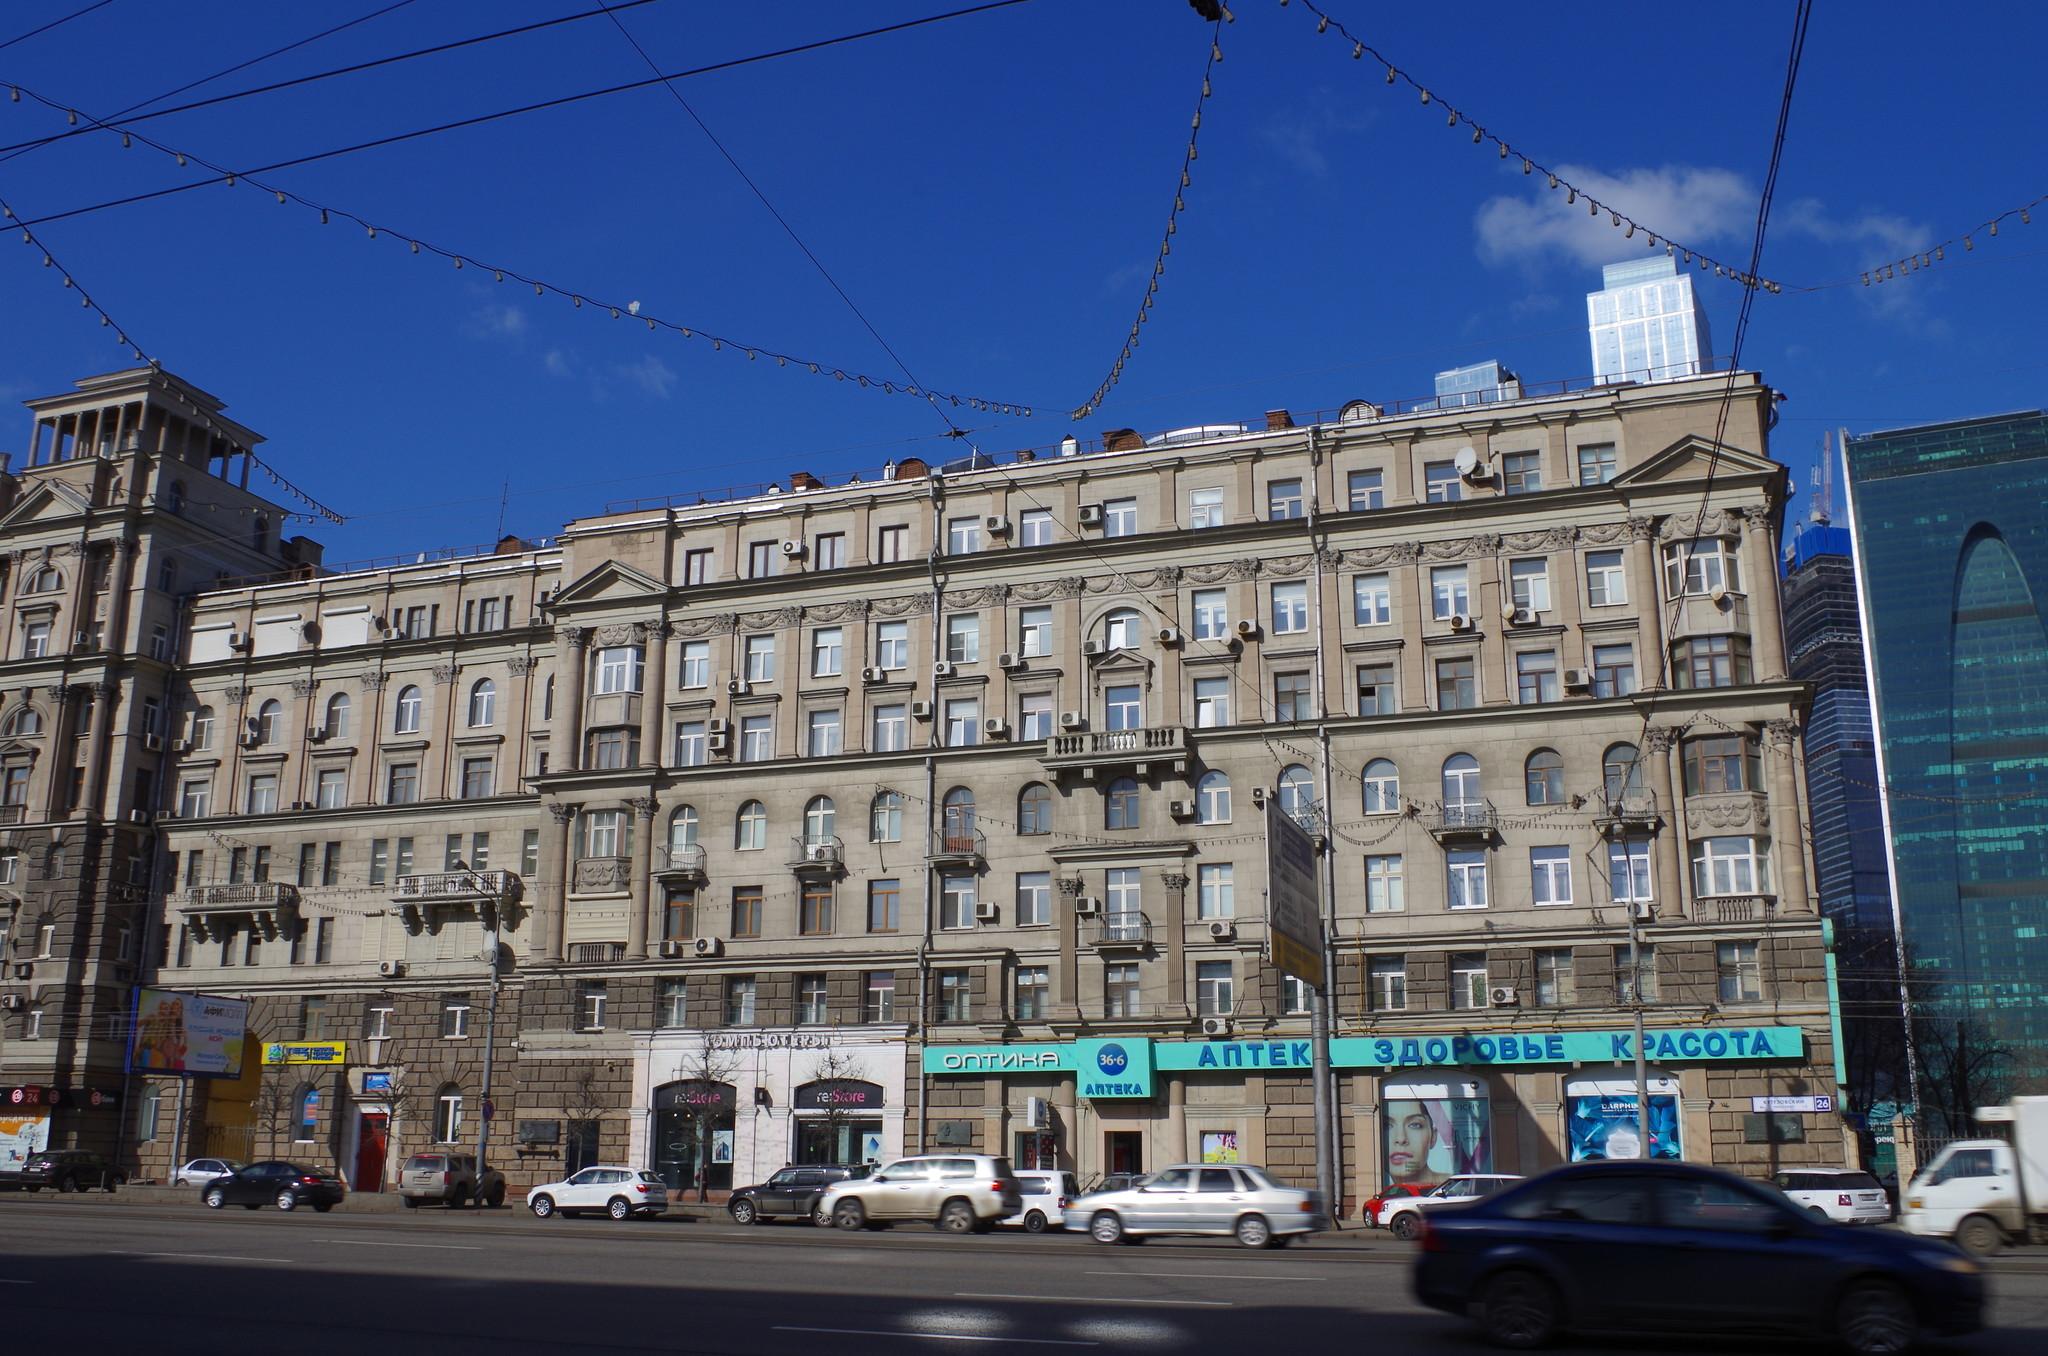 В этом доме (Кутузовский проспект, дом 26) с 1987 года по 2010 год жил Герой Советского Союза Владимир Васильевич Карпов